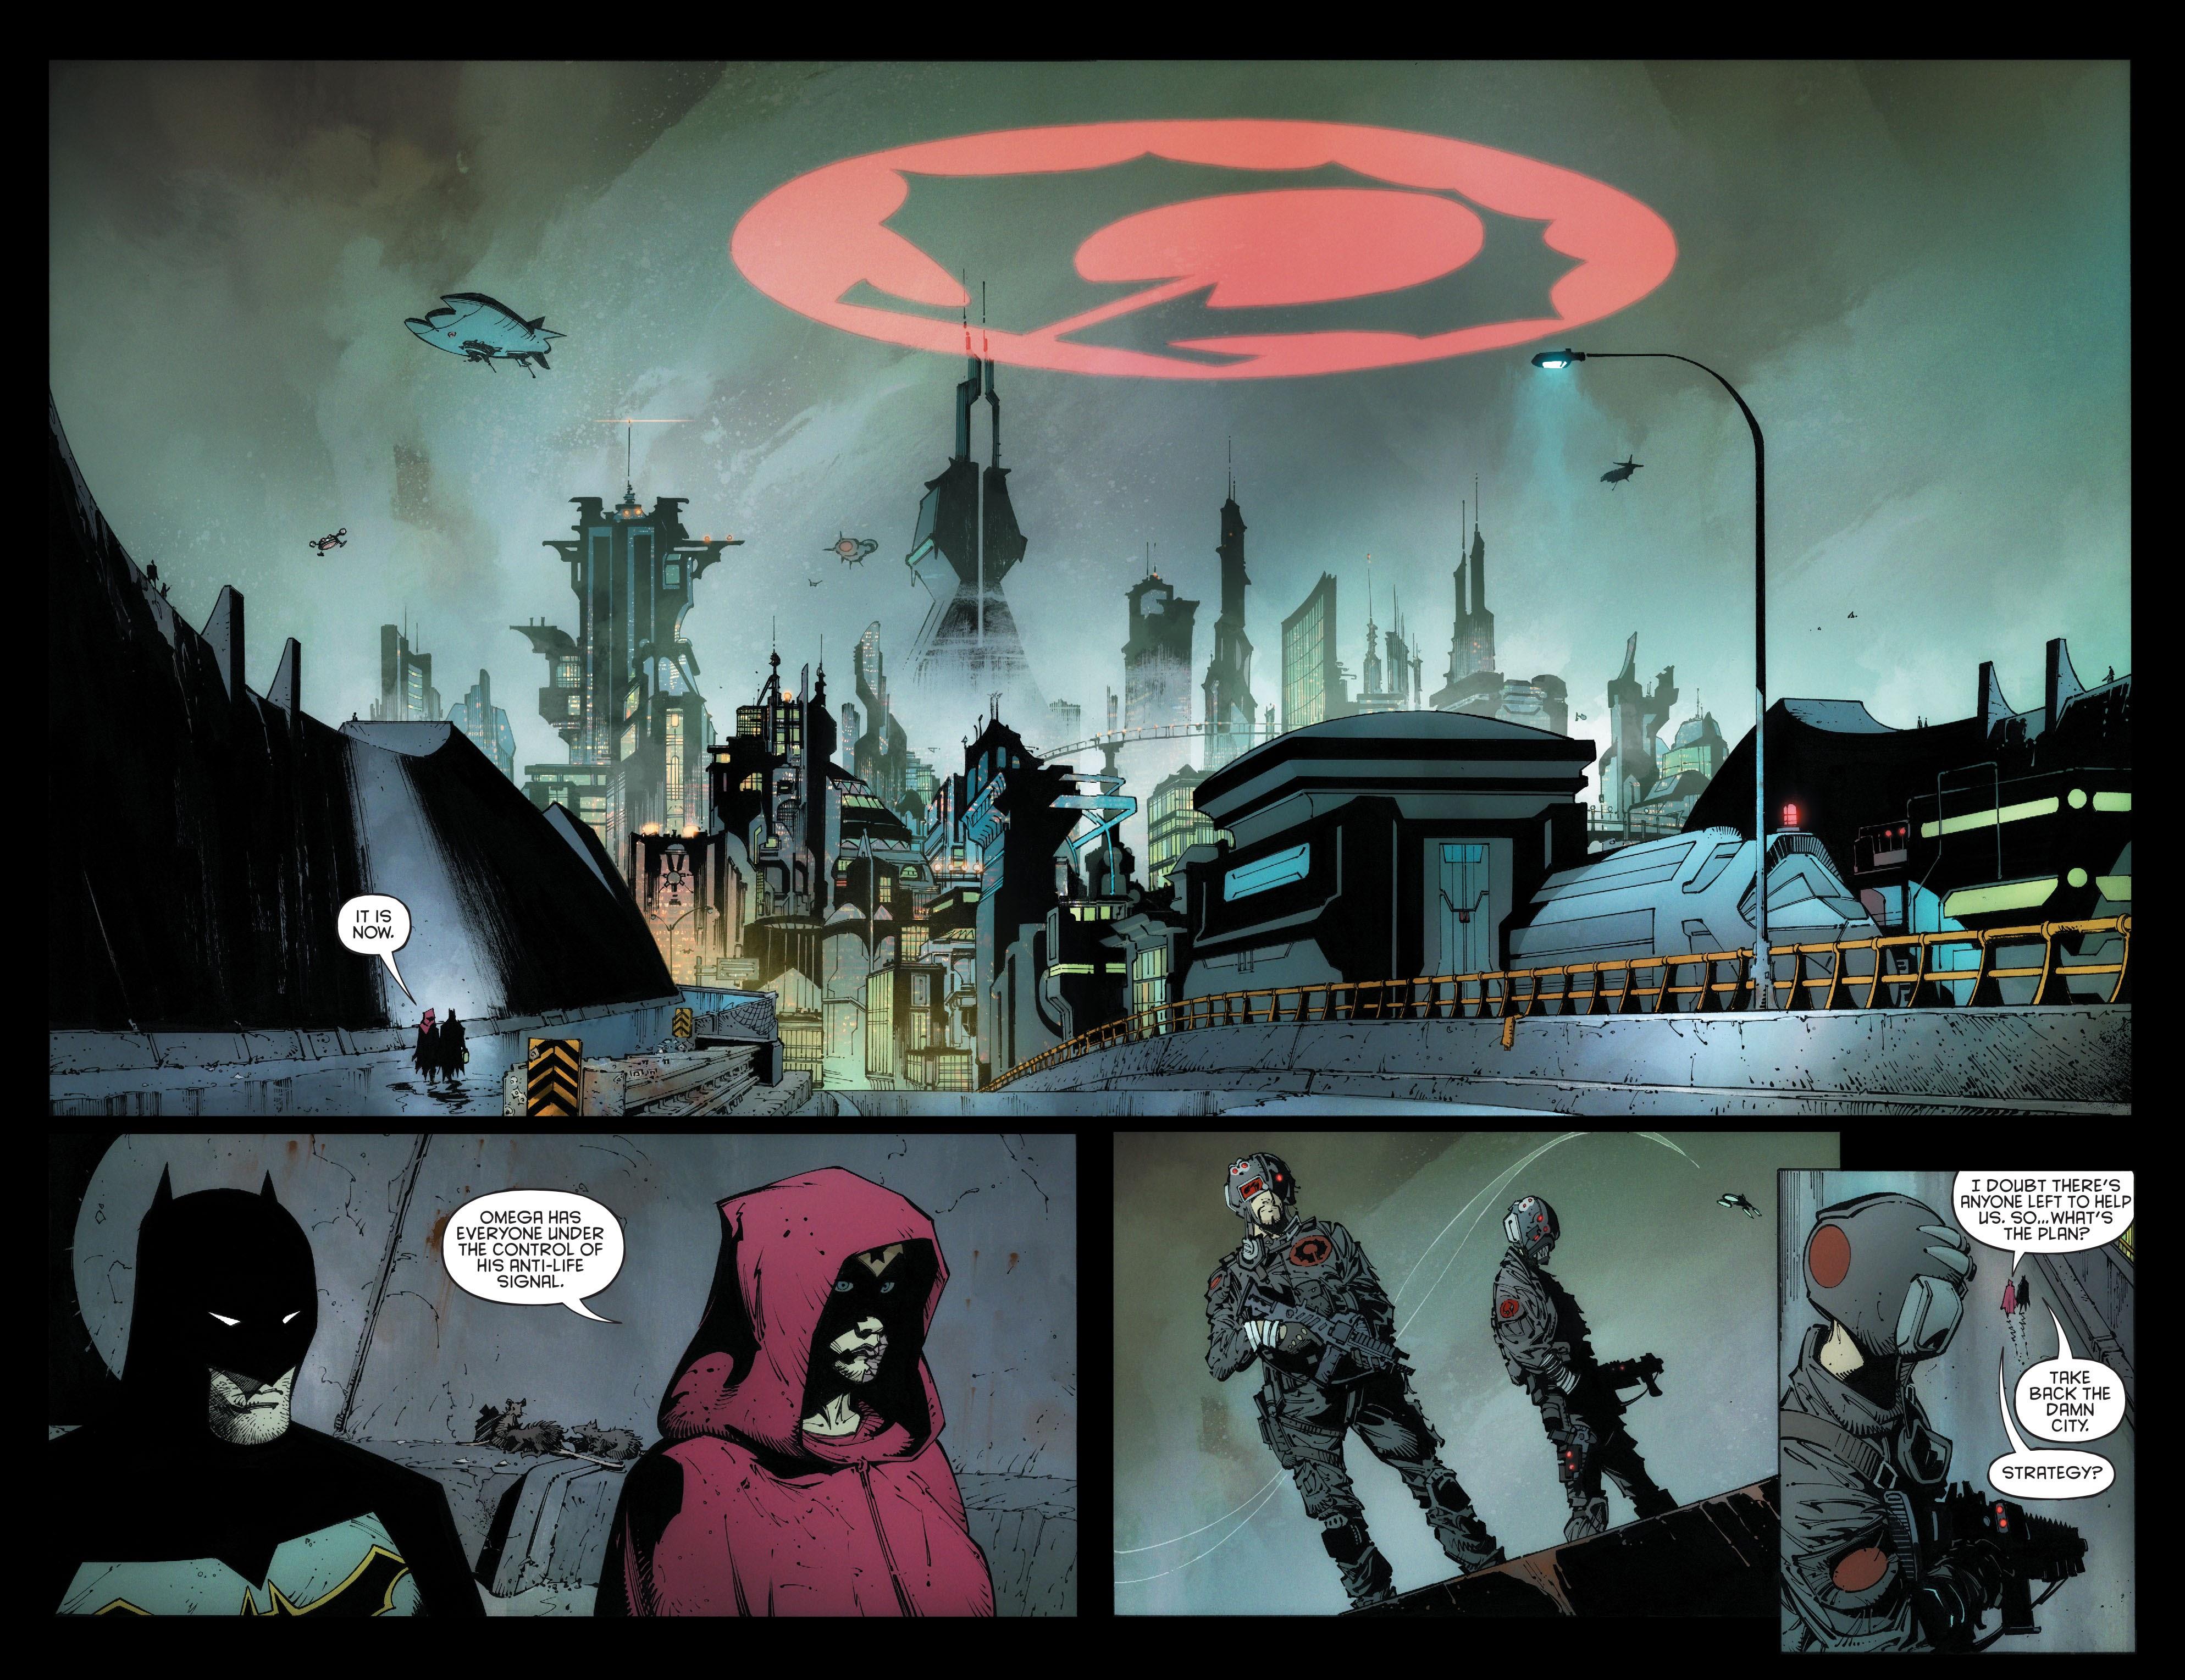 蝙蝠俠和小丑頭顱聯手對抗超人!?《蝙蝠俠:地球最後的騎士》第二期下半部解析~